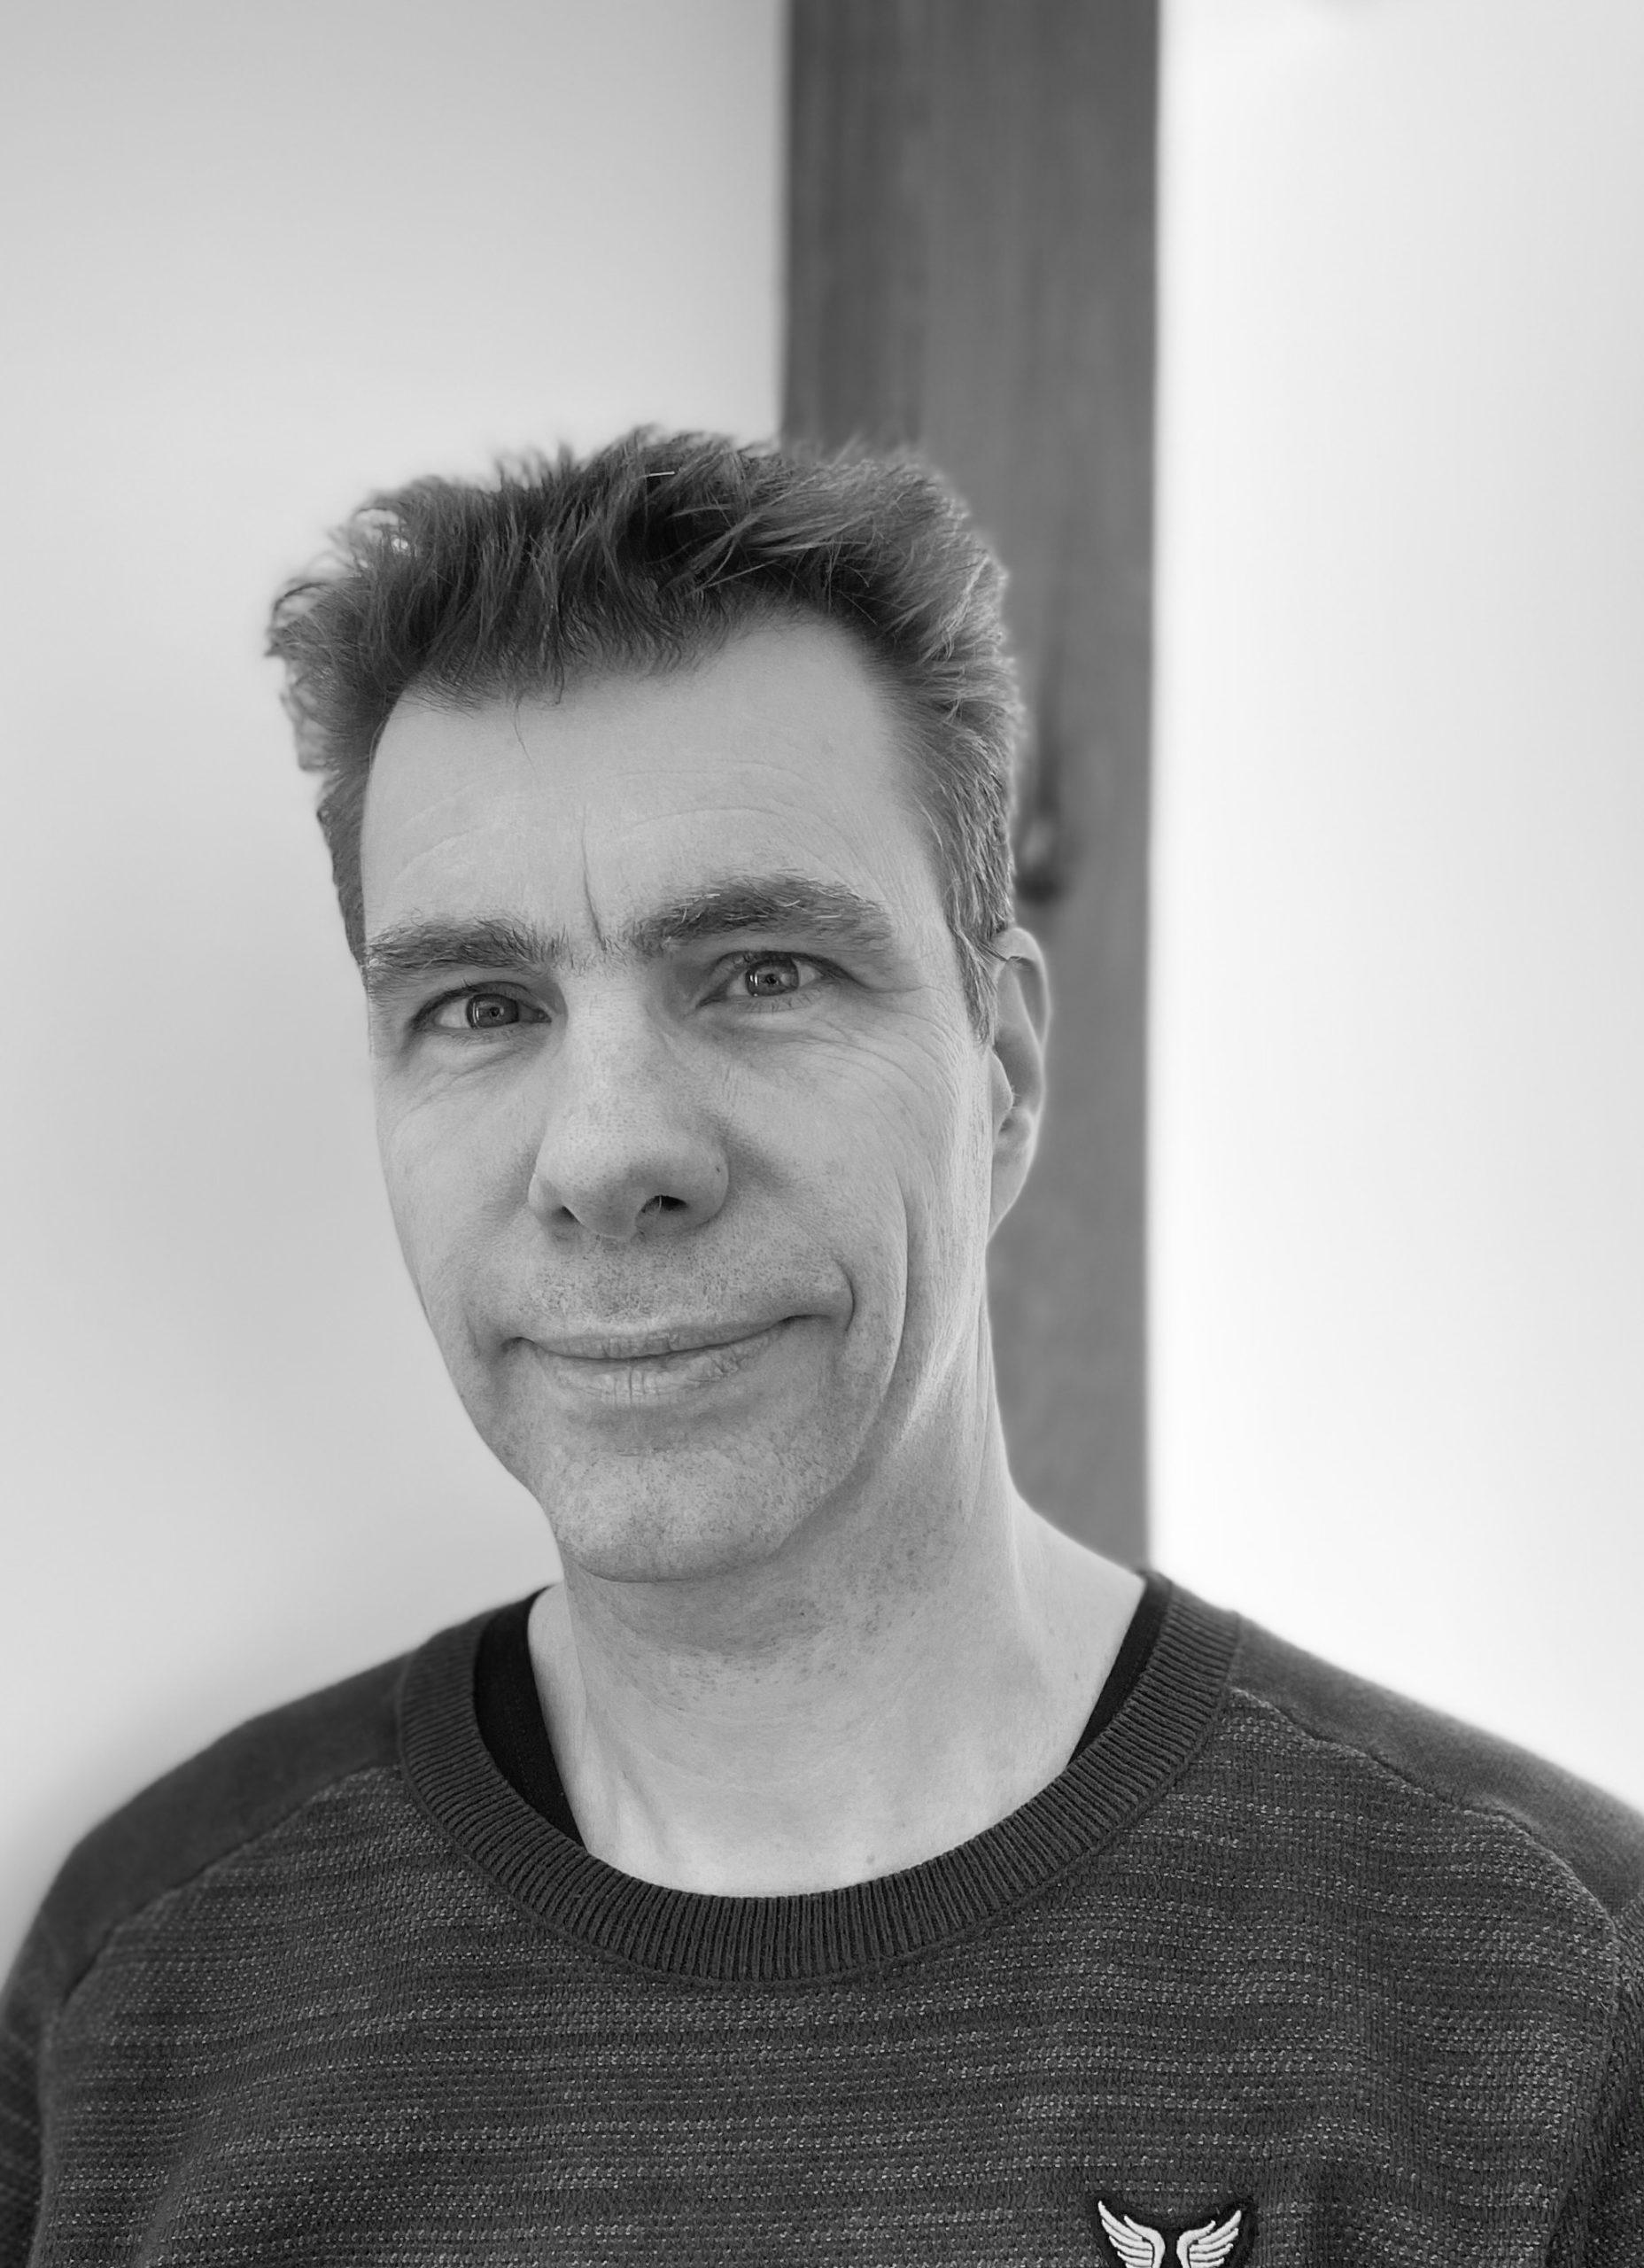 Andre Krijger